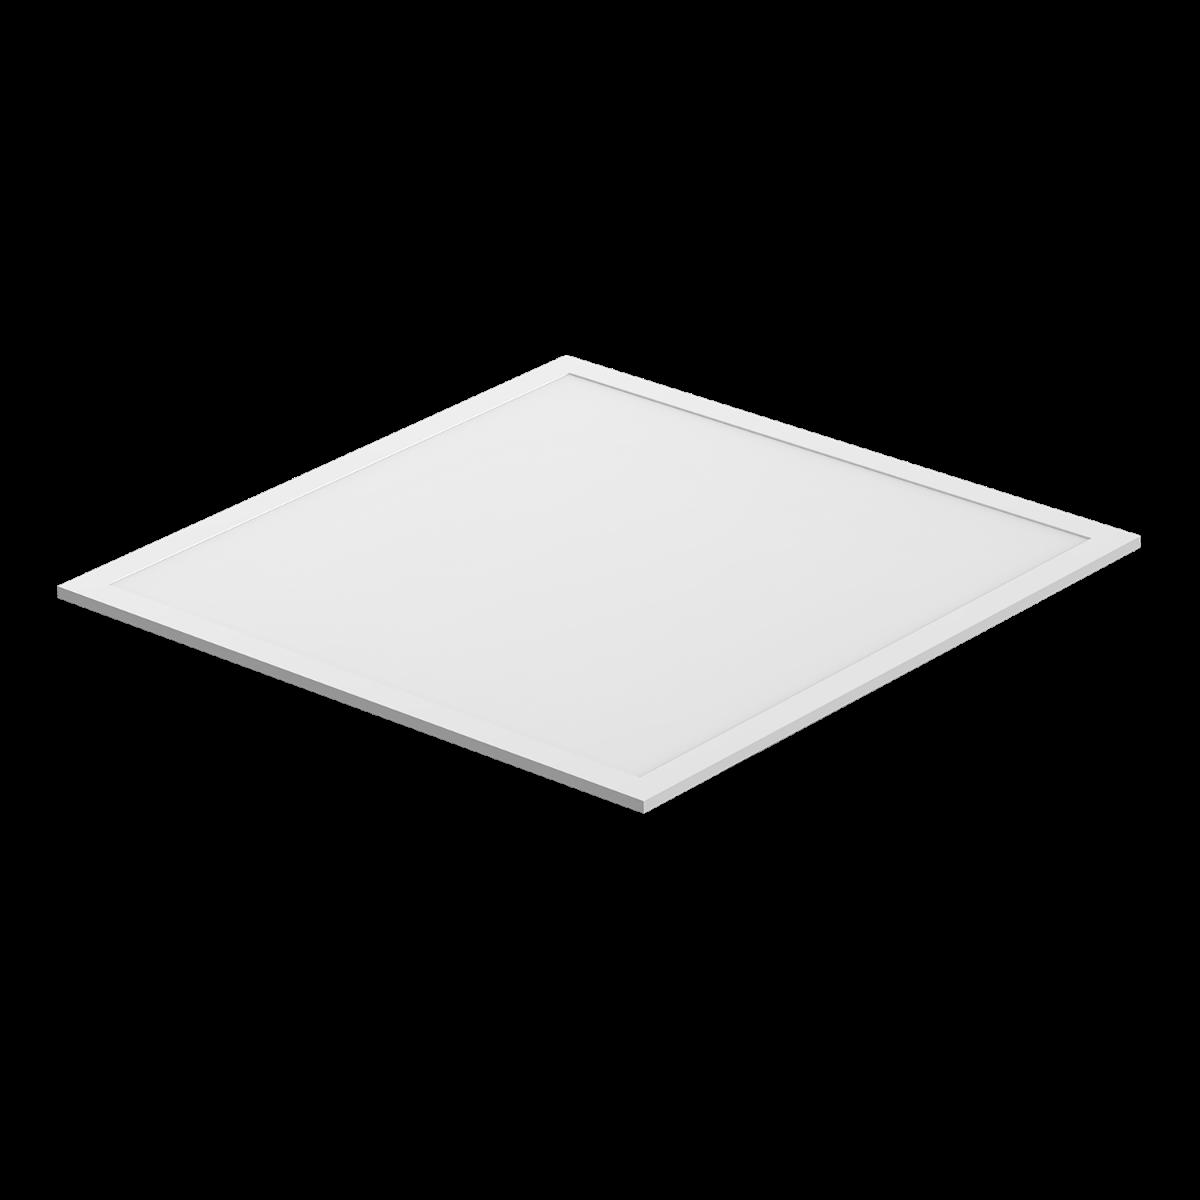 Noxion Panneau LED Econox 32W 60x60cm 3000K 3900lm UGR <22 | Blanc Chaud - Substitut 4x18W